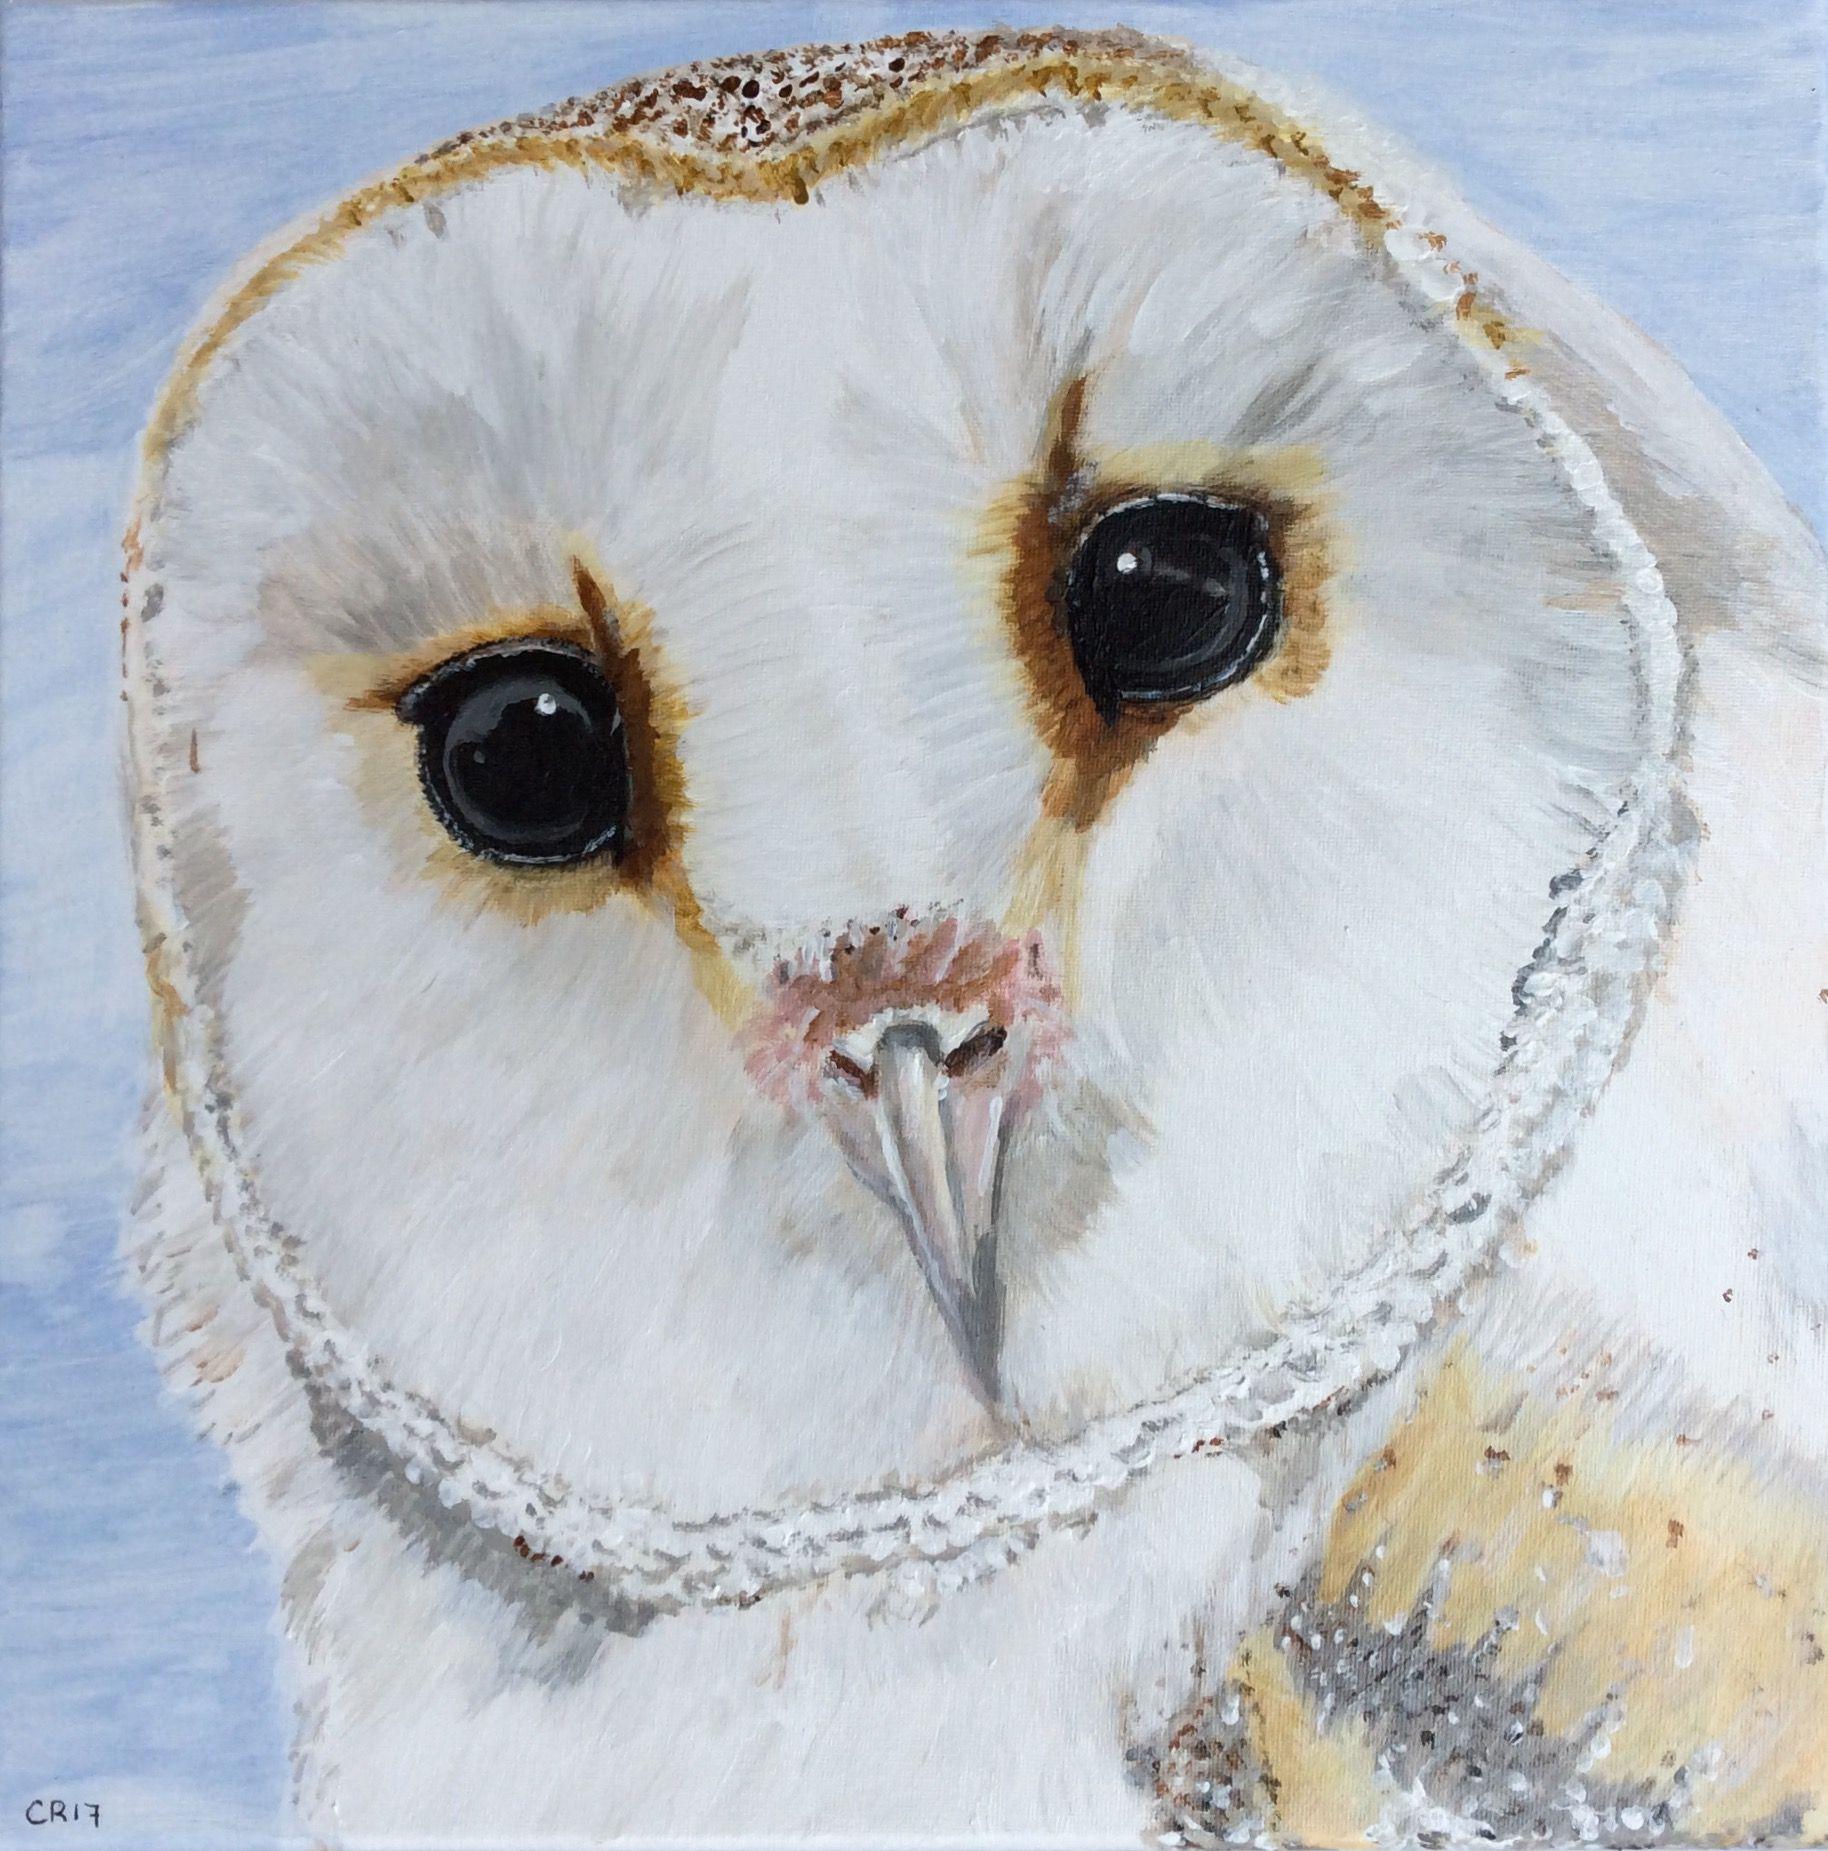 Barn owl Acryl painting Size 30x30